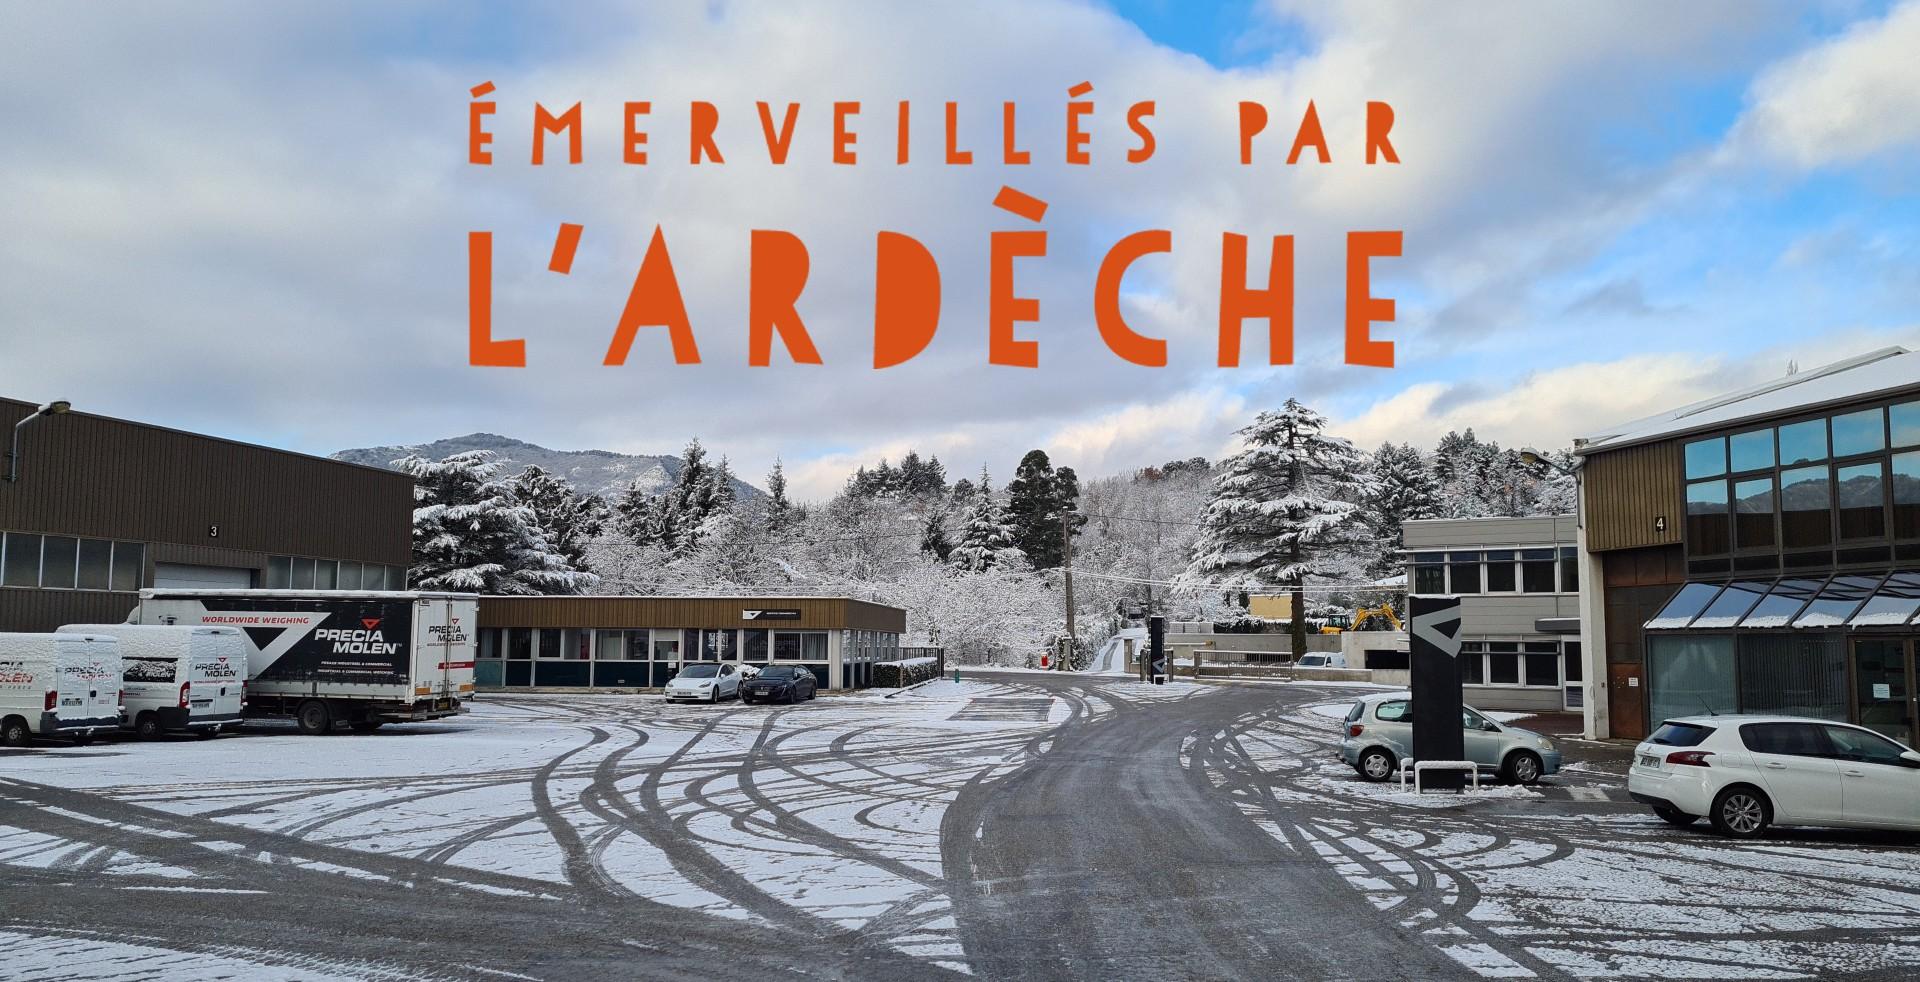 PRECIA MOLEN est adhérente de la marque de territoire « Emerveillés par l'Ardèche »